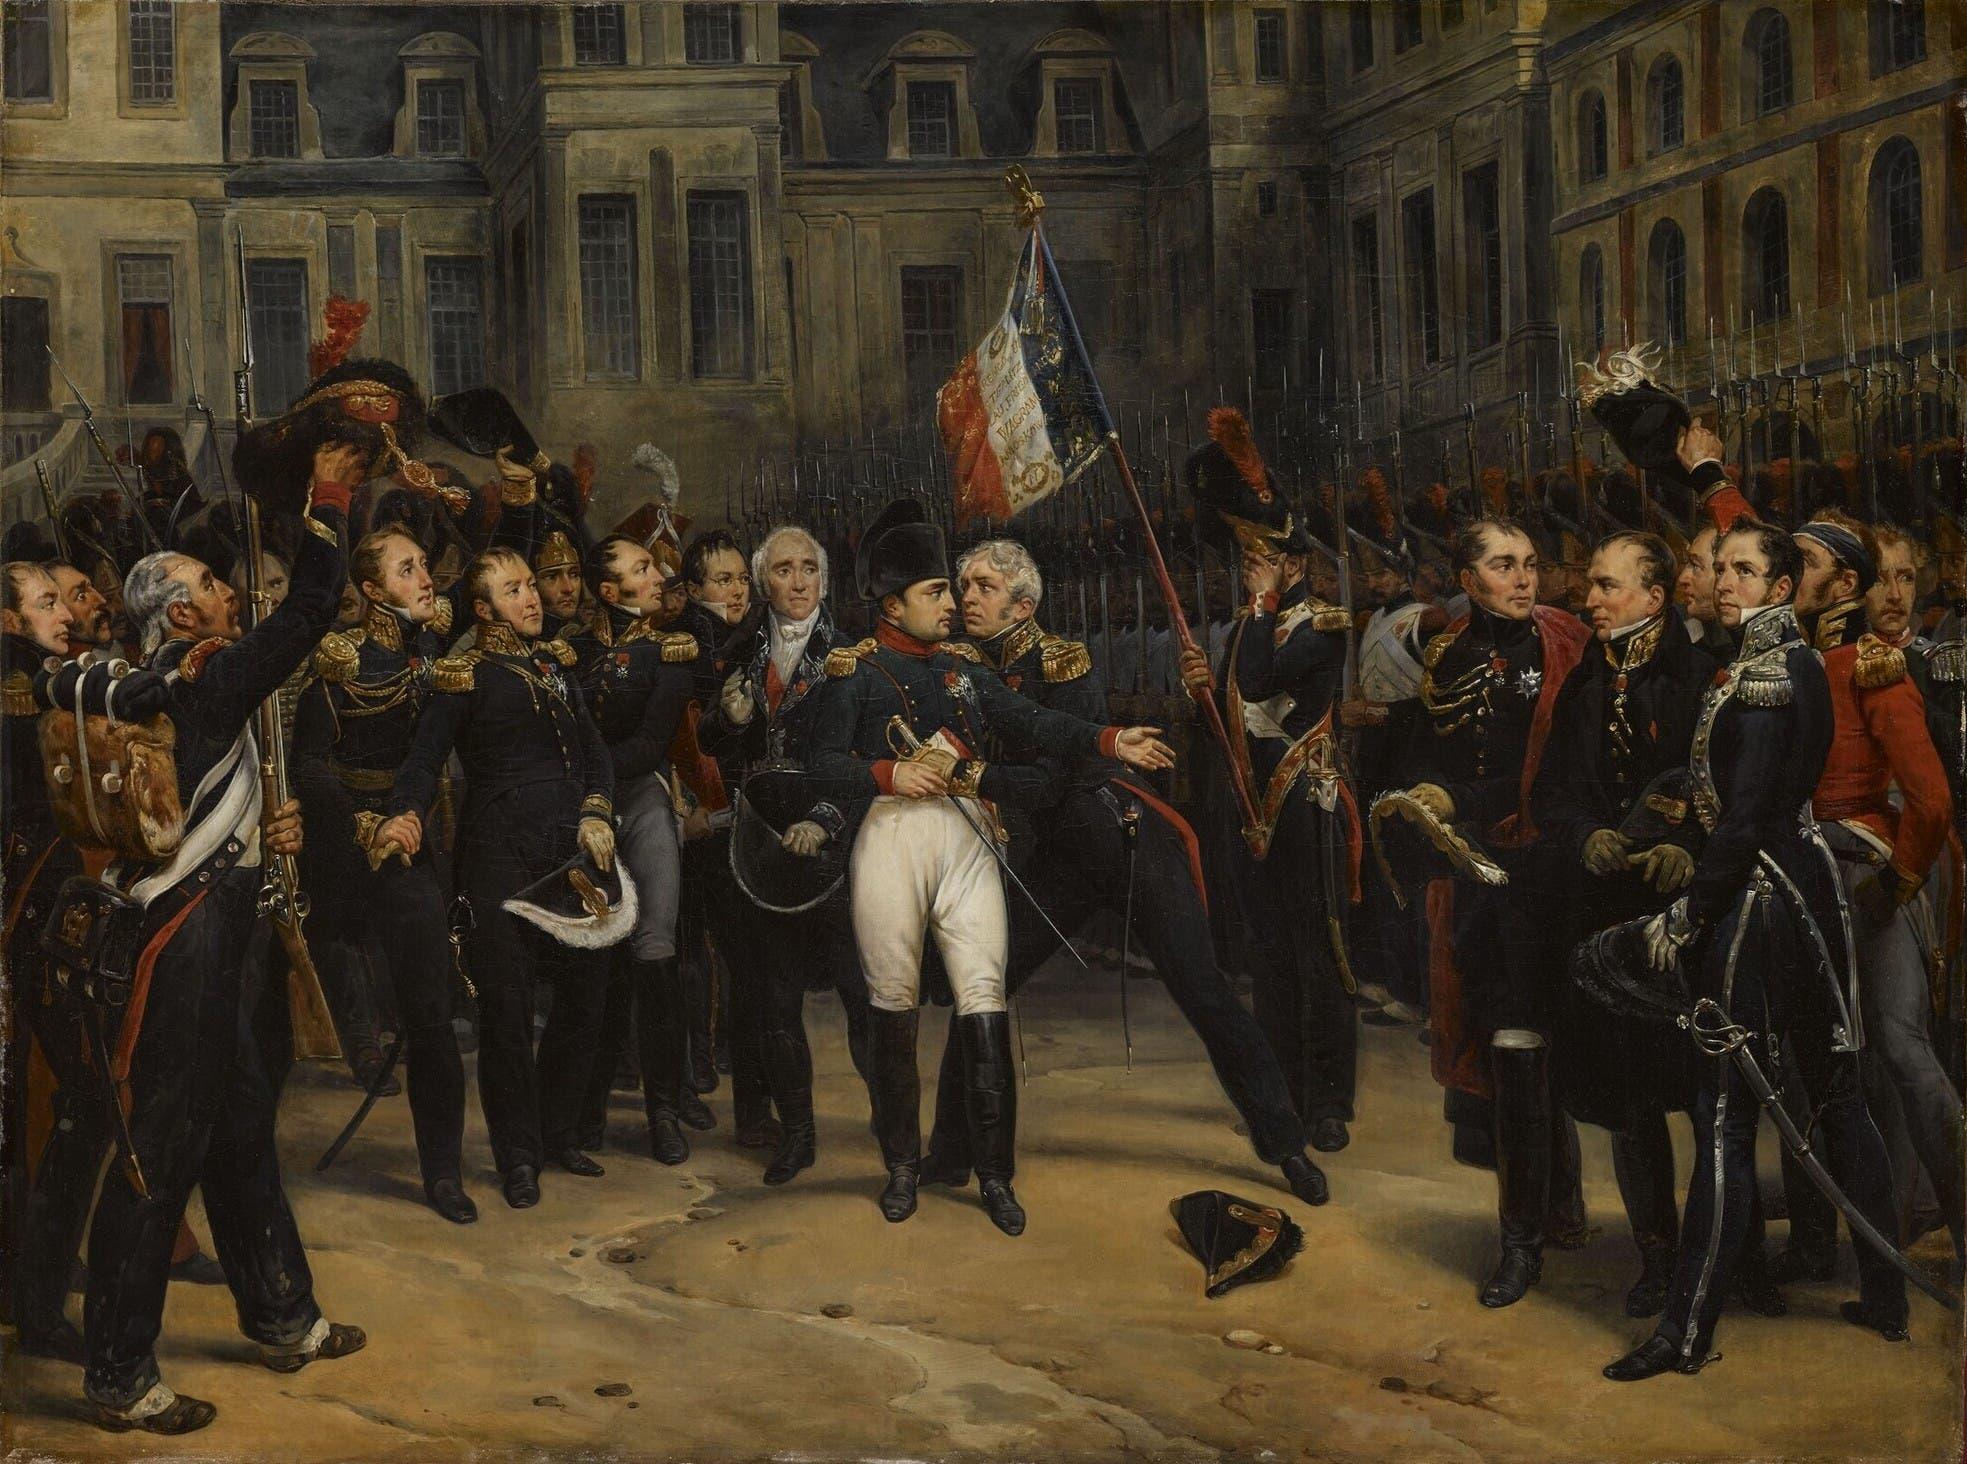 نابليون بونابرت اثناء توديعه لجنرالاته ومساعديه بفونتنبلو